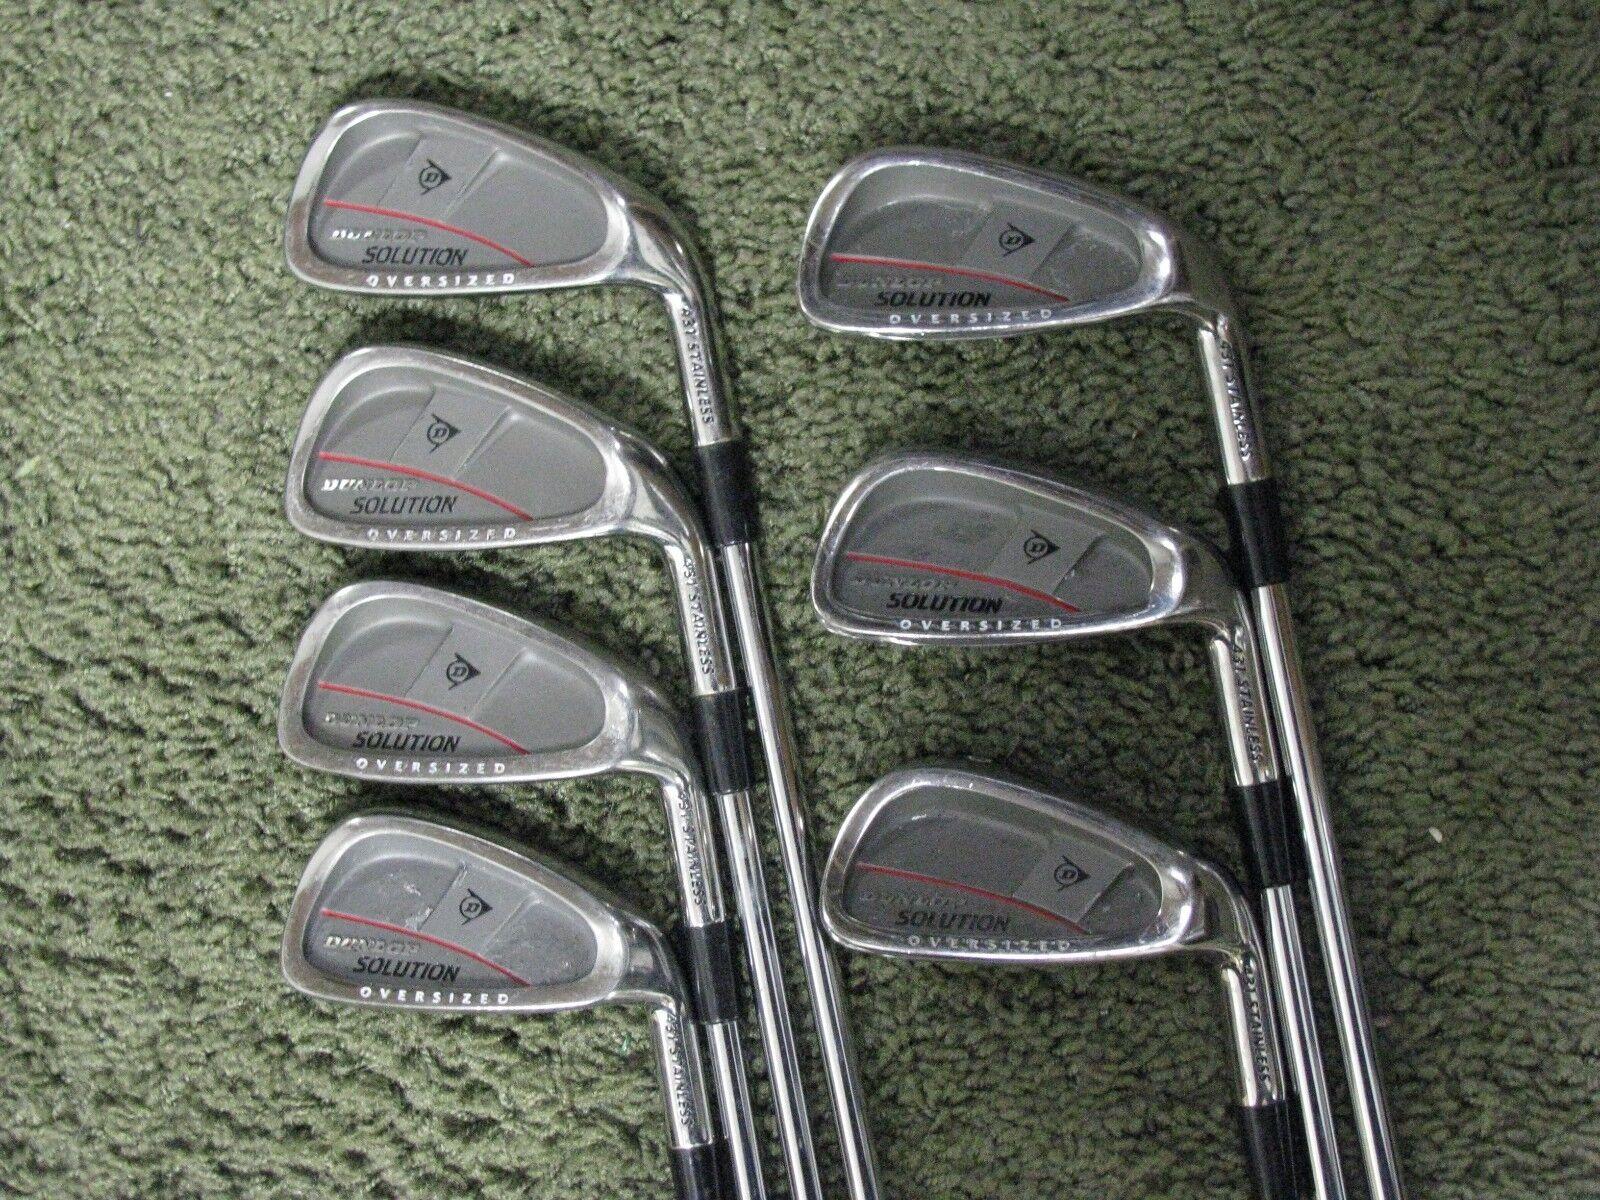 Dunlop soluciones de gran tamaño de hierros 4-PW regular Flex Acero Muy Bonito